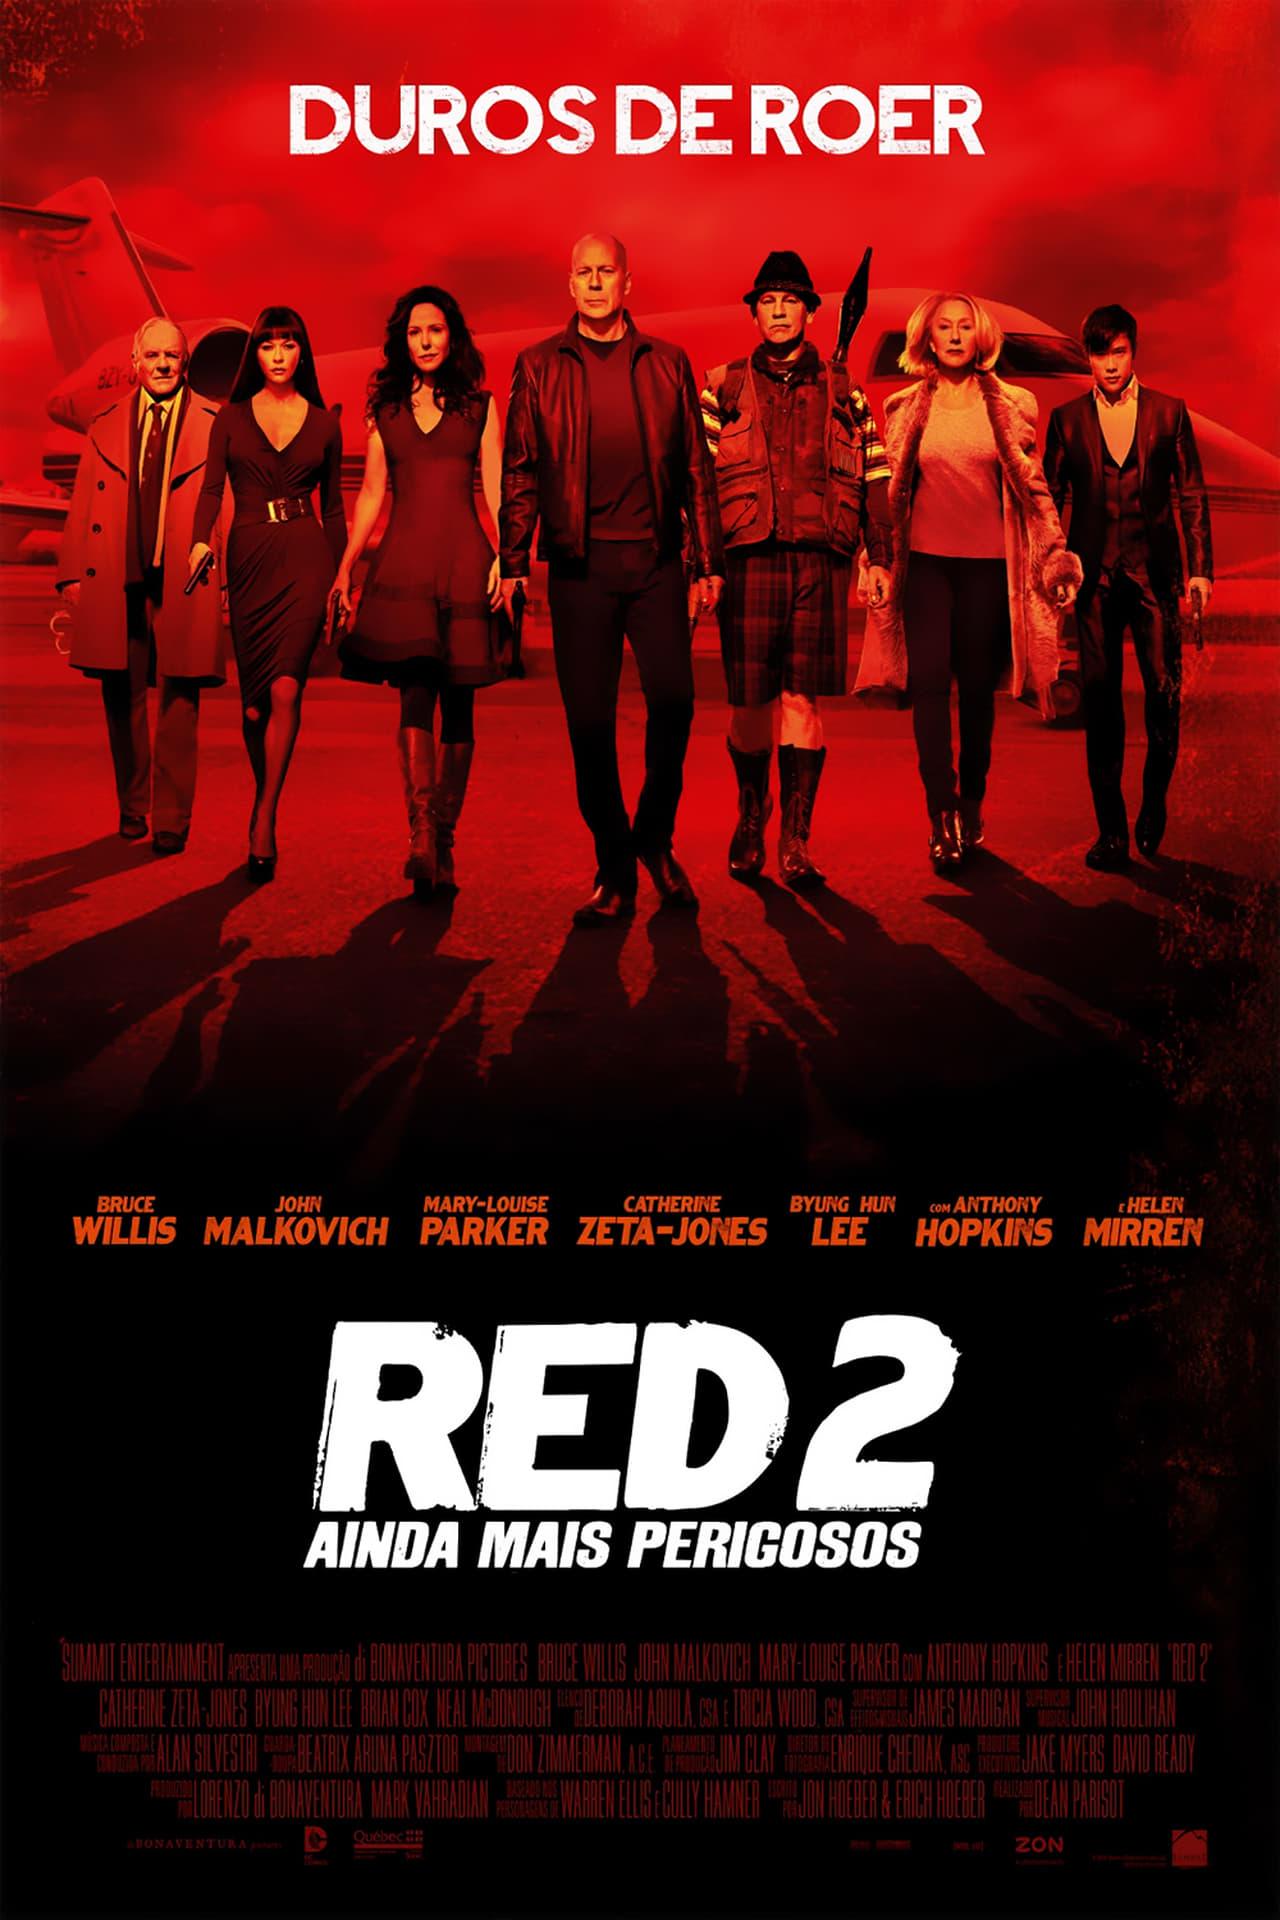 red 2 english subtitles